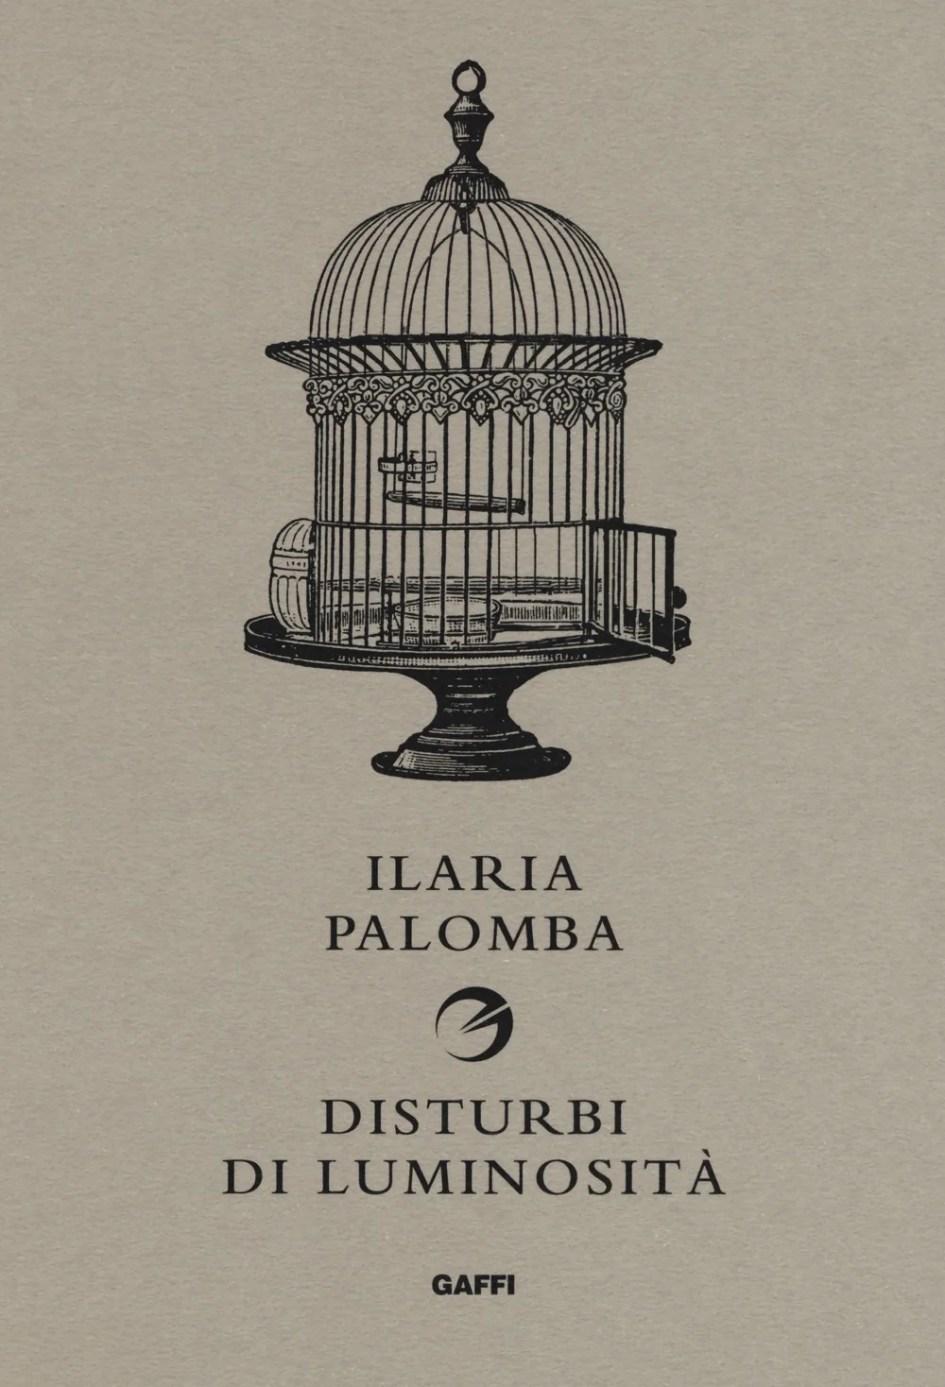 """Risultati immagini per """"Disturbi di luminosità"""" di Ilaria Palomba"""